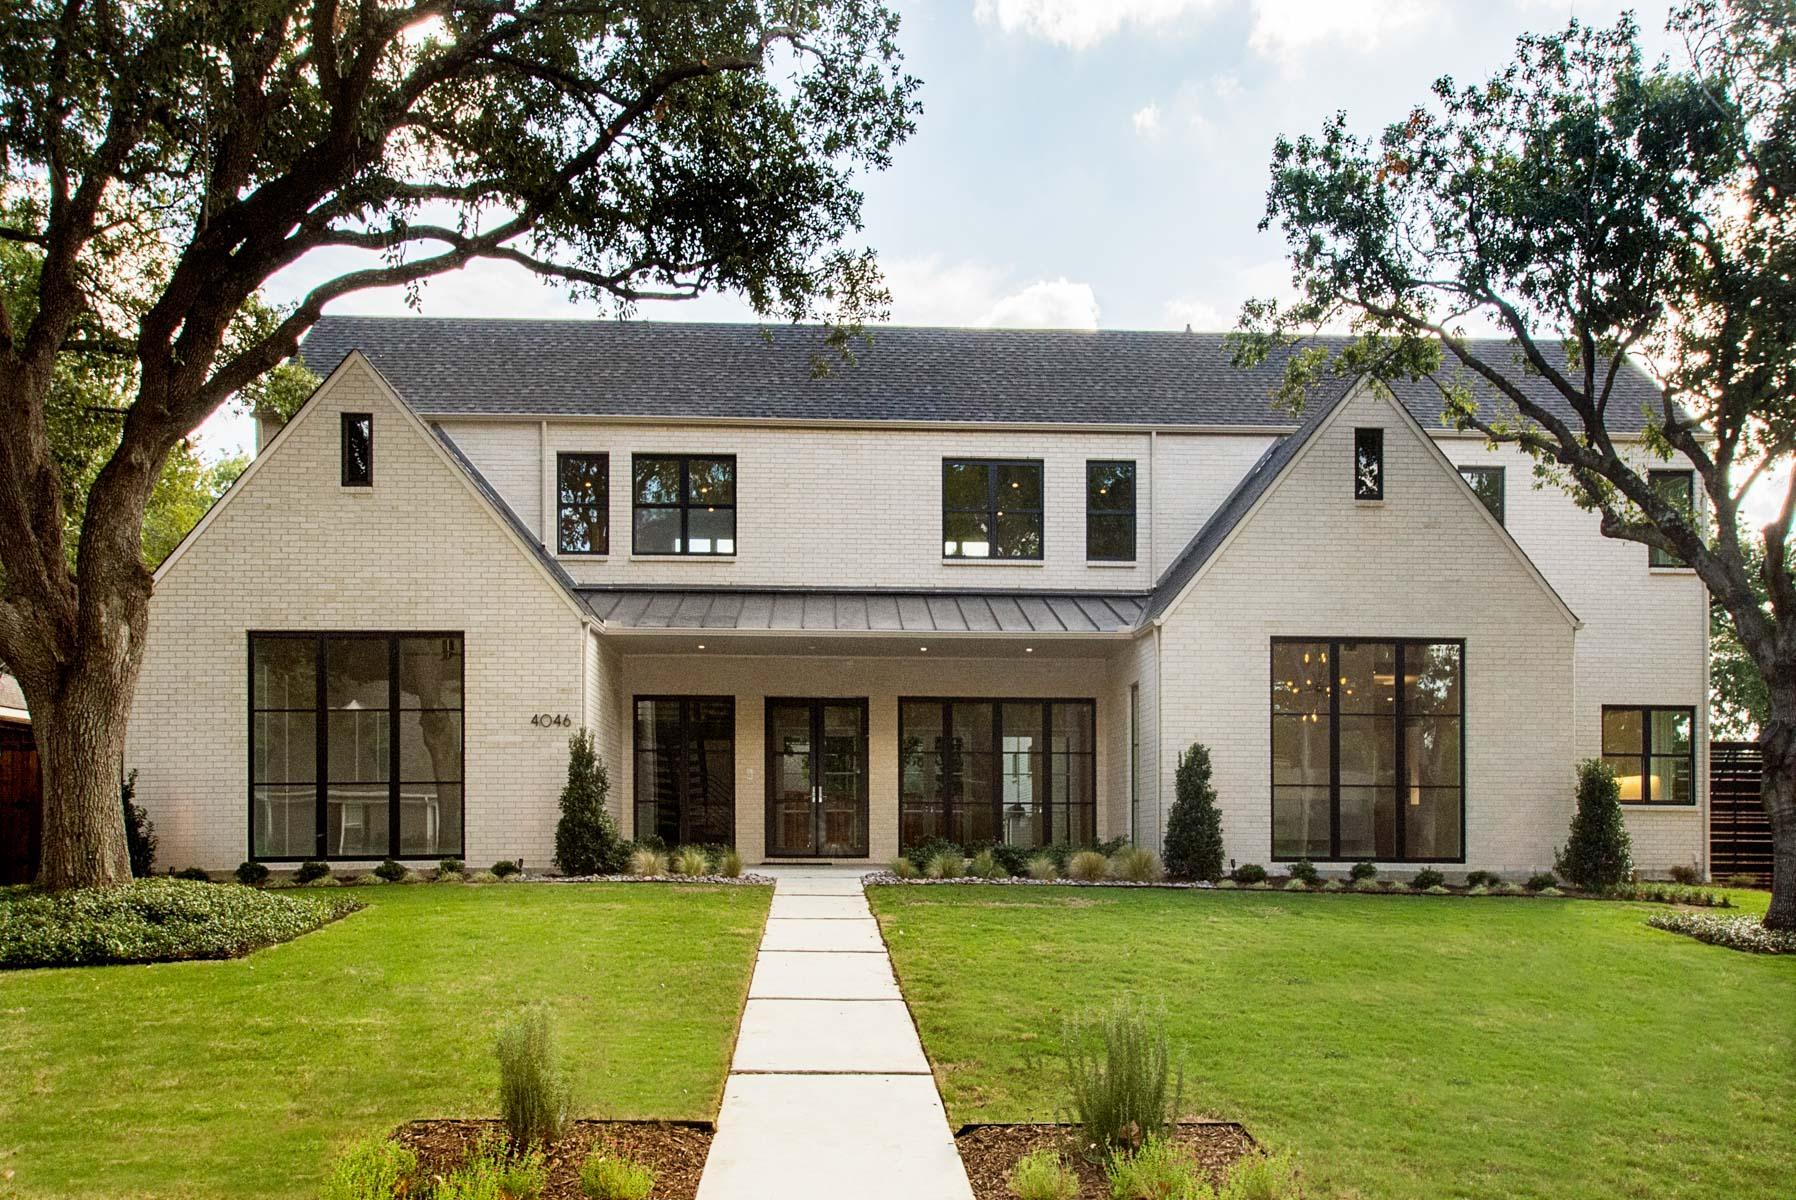 단독 가정 주택 용 매매 에 Excellence and Attention to Detail 4046 Northview Ln Dallas, 텍사스, 75229 미국